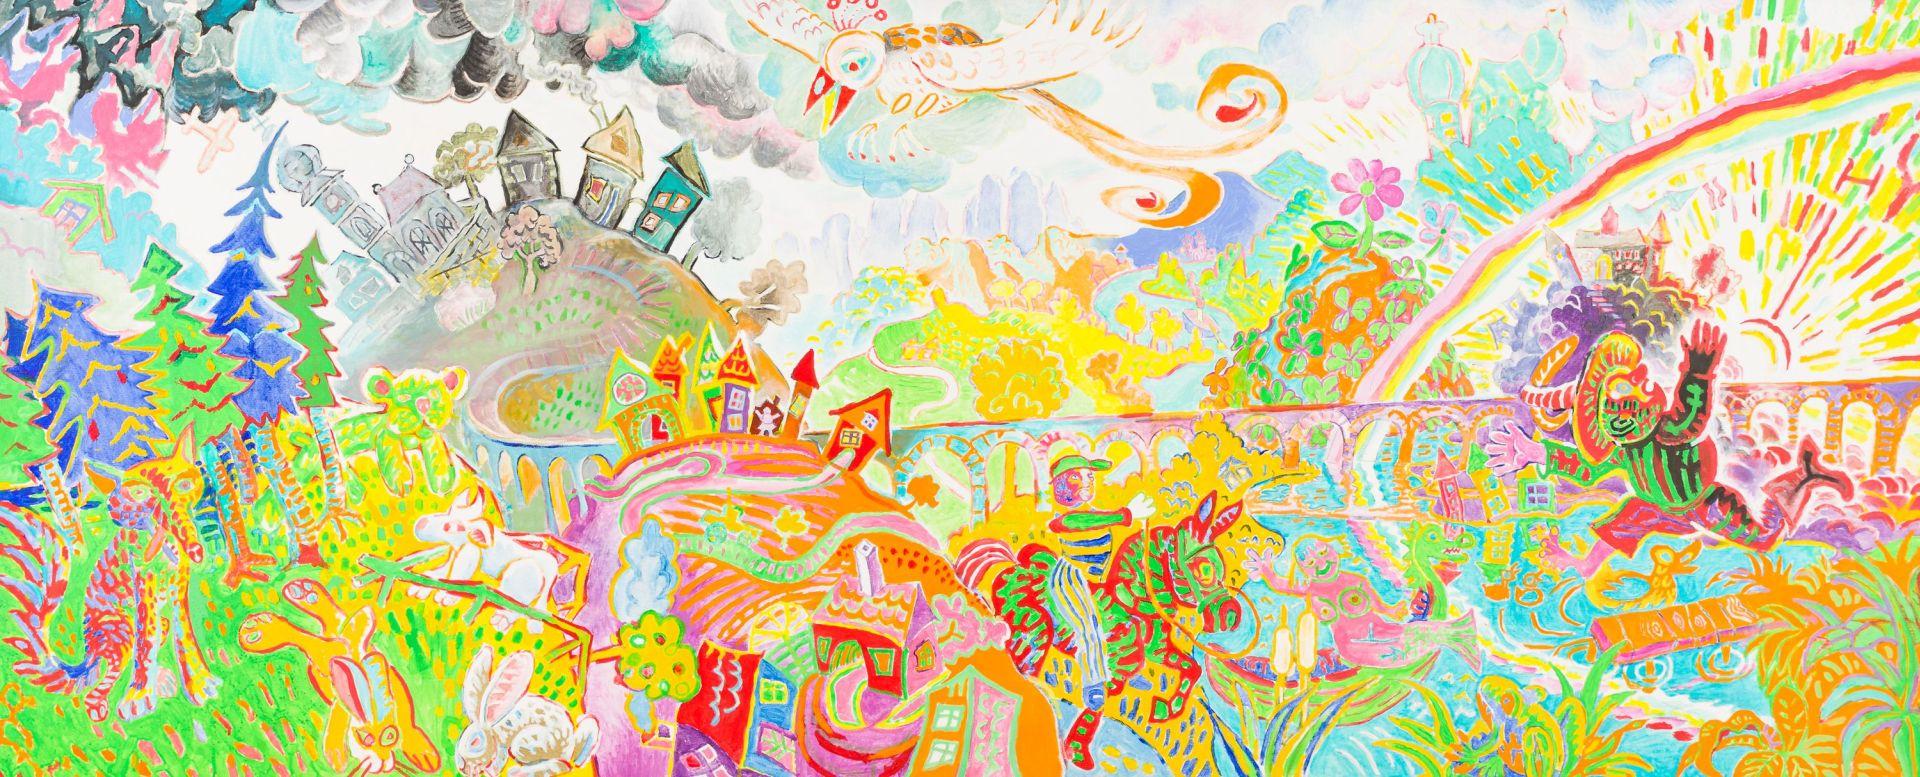 peter-griesser-www-petergriesser-com-1003